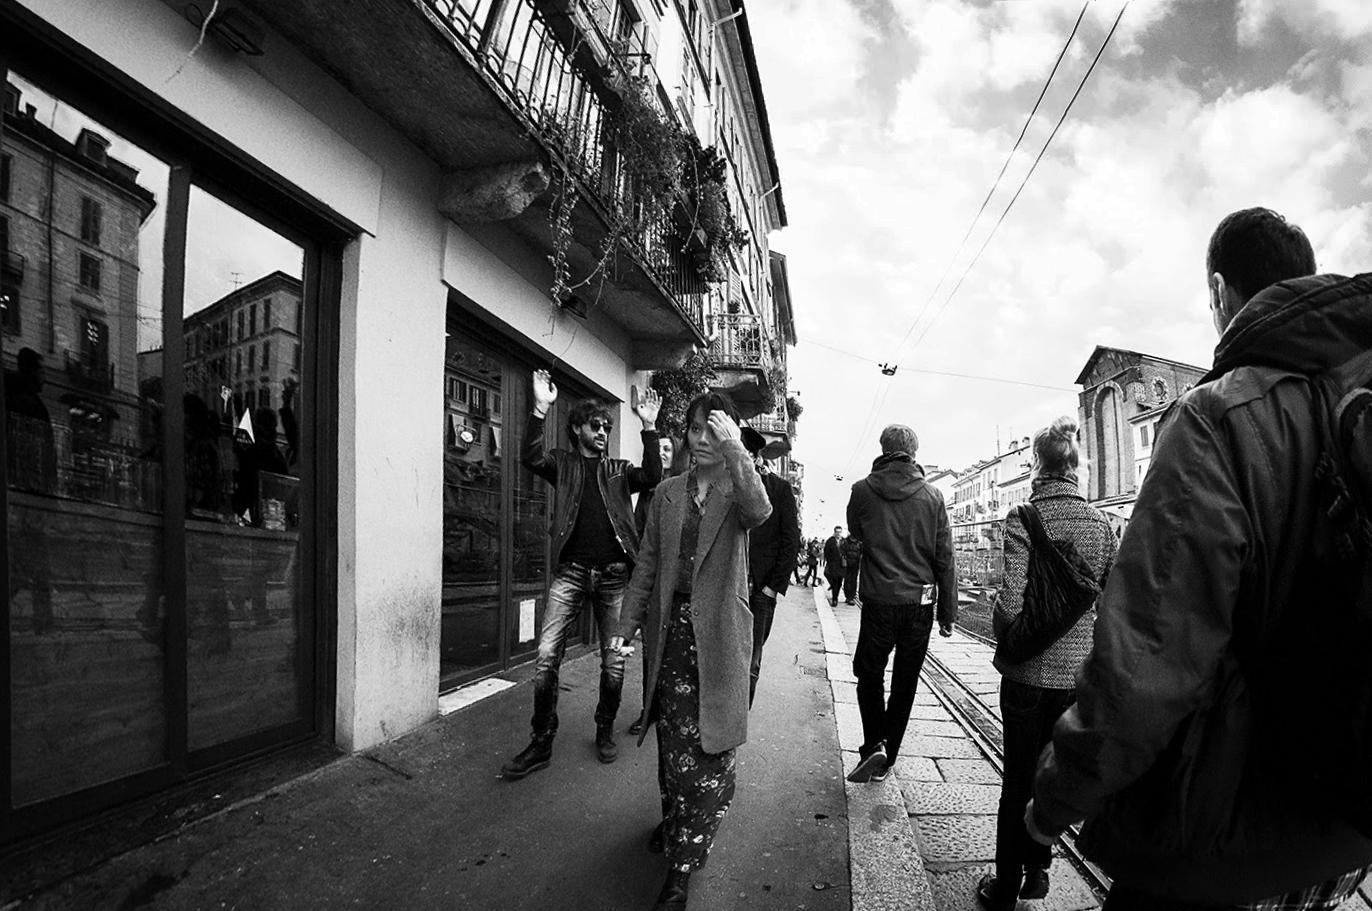 MILUNA-Ewa-Milun-Walczak-Mediolan-ludzie-ulica-przechodzni-mediolanczycy-Przechodnie-16